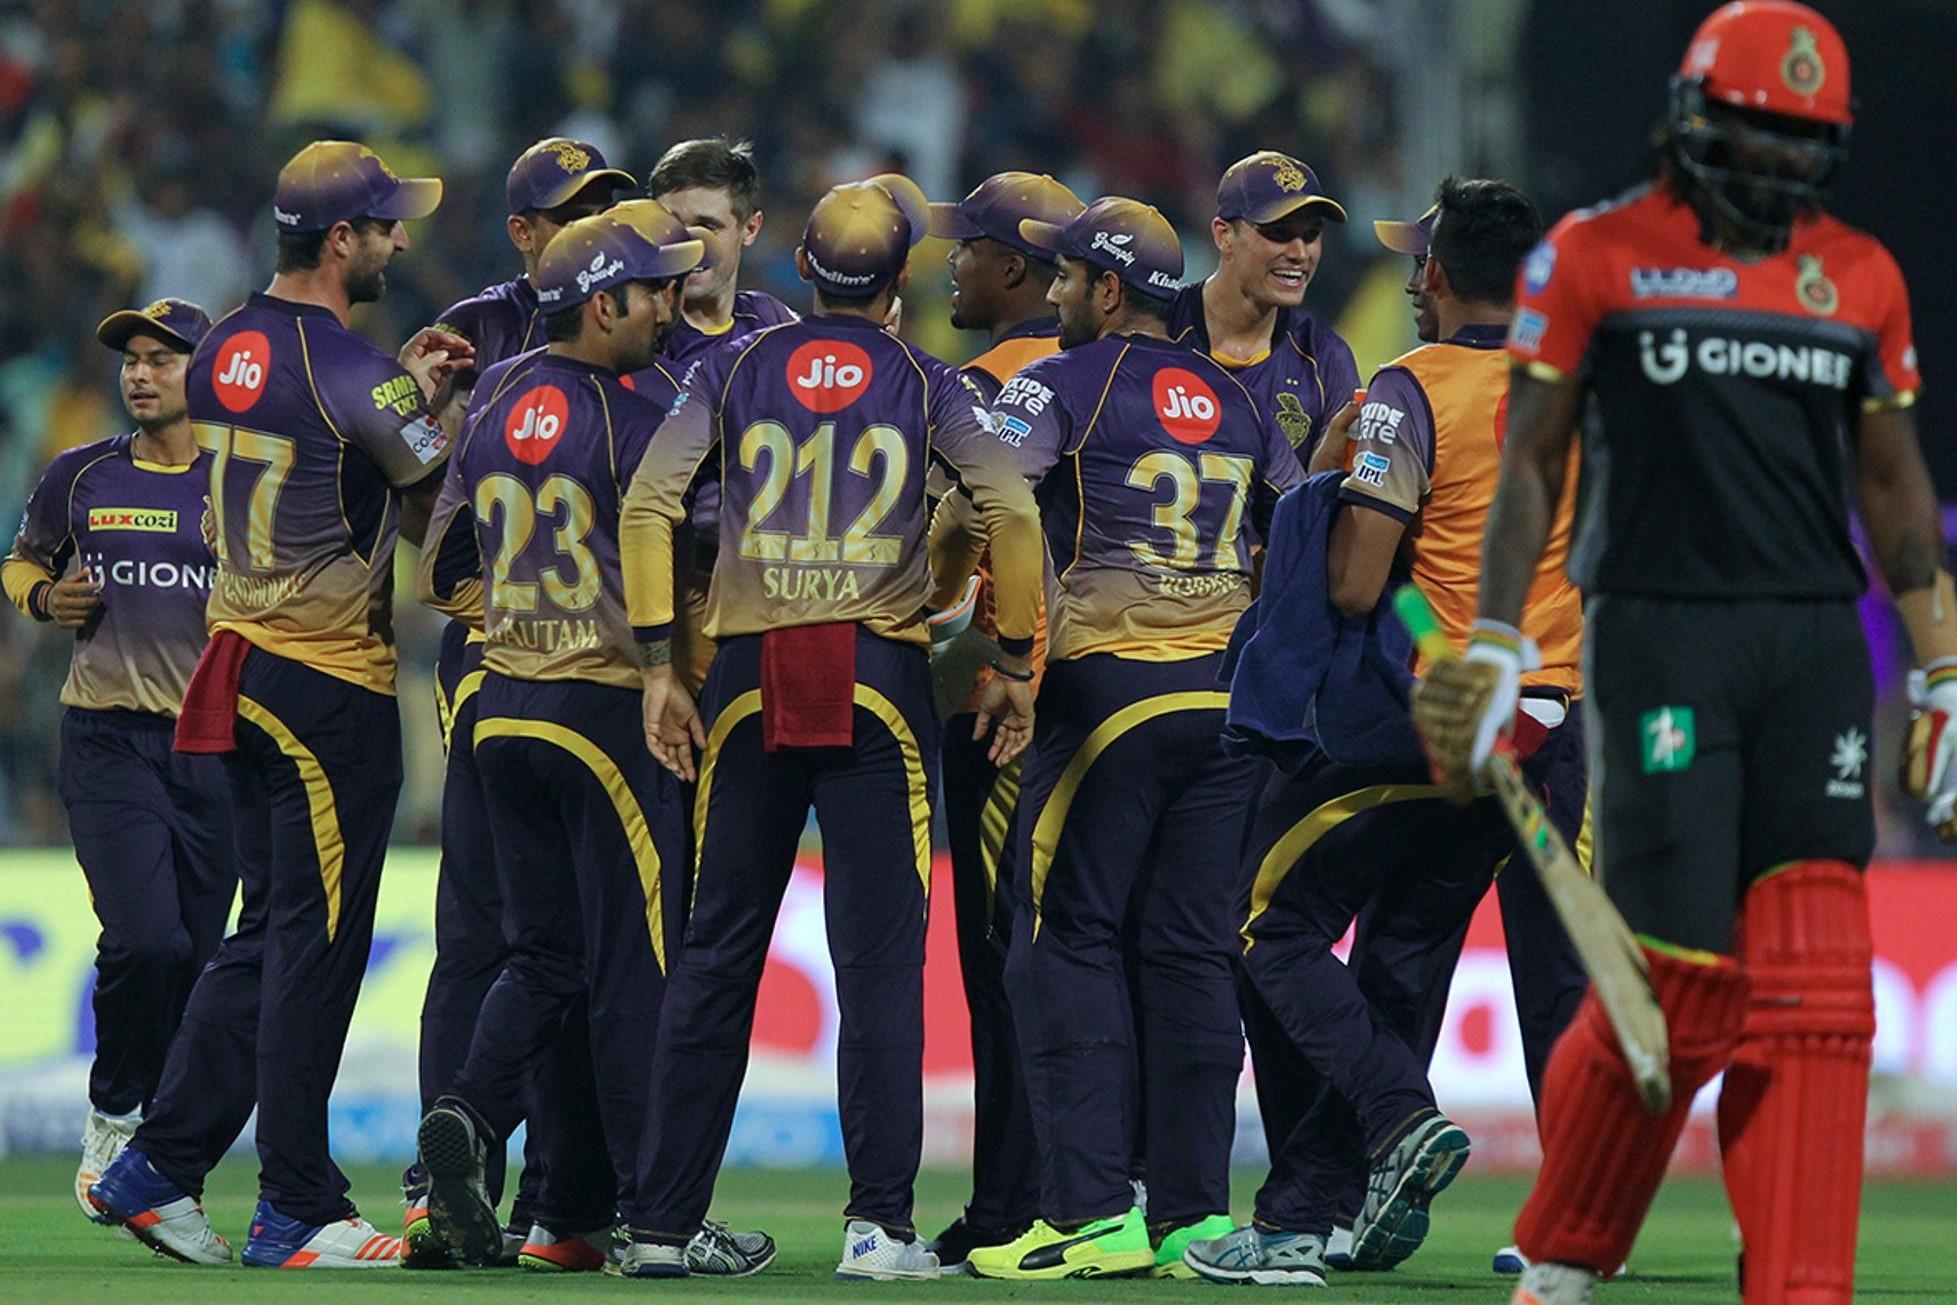 कोलकाता ने हैदराबाद के खिलाफ किया अपनी टीम का ऐलान, आईपीएल में पदार्पण करेगा यह स्टार खिलाड़ी